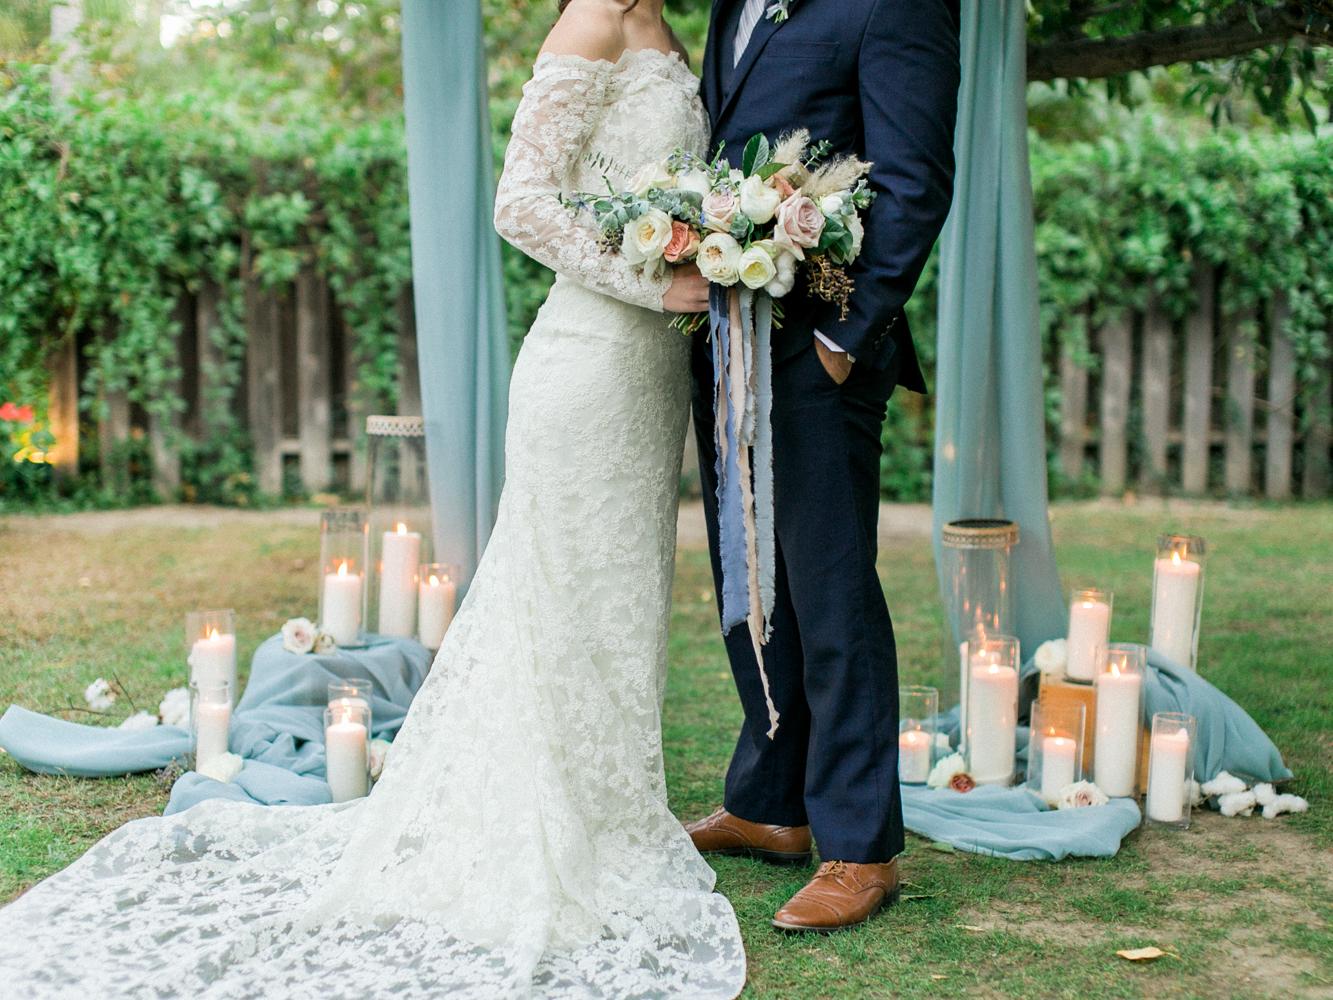 Ceremonia ślubna dekoracje, Dekoracja ślubne, Inspiracje ślubne, Pomysły ślubne, Motyw przewodni ślubu i wesela, Trendy ślubne, Kwiaty do ślubu, Kwiaty na stołach weselnych, Materiały graficzne, Kolor przewodni, Bukiet ślubny,